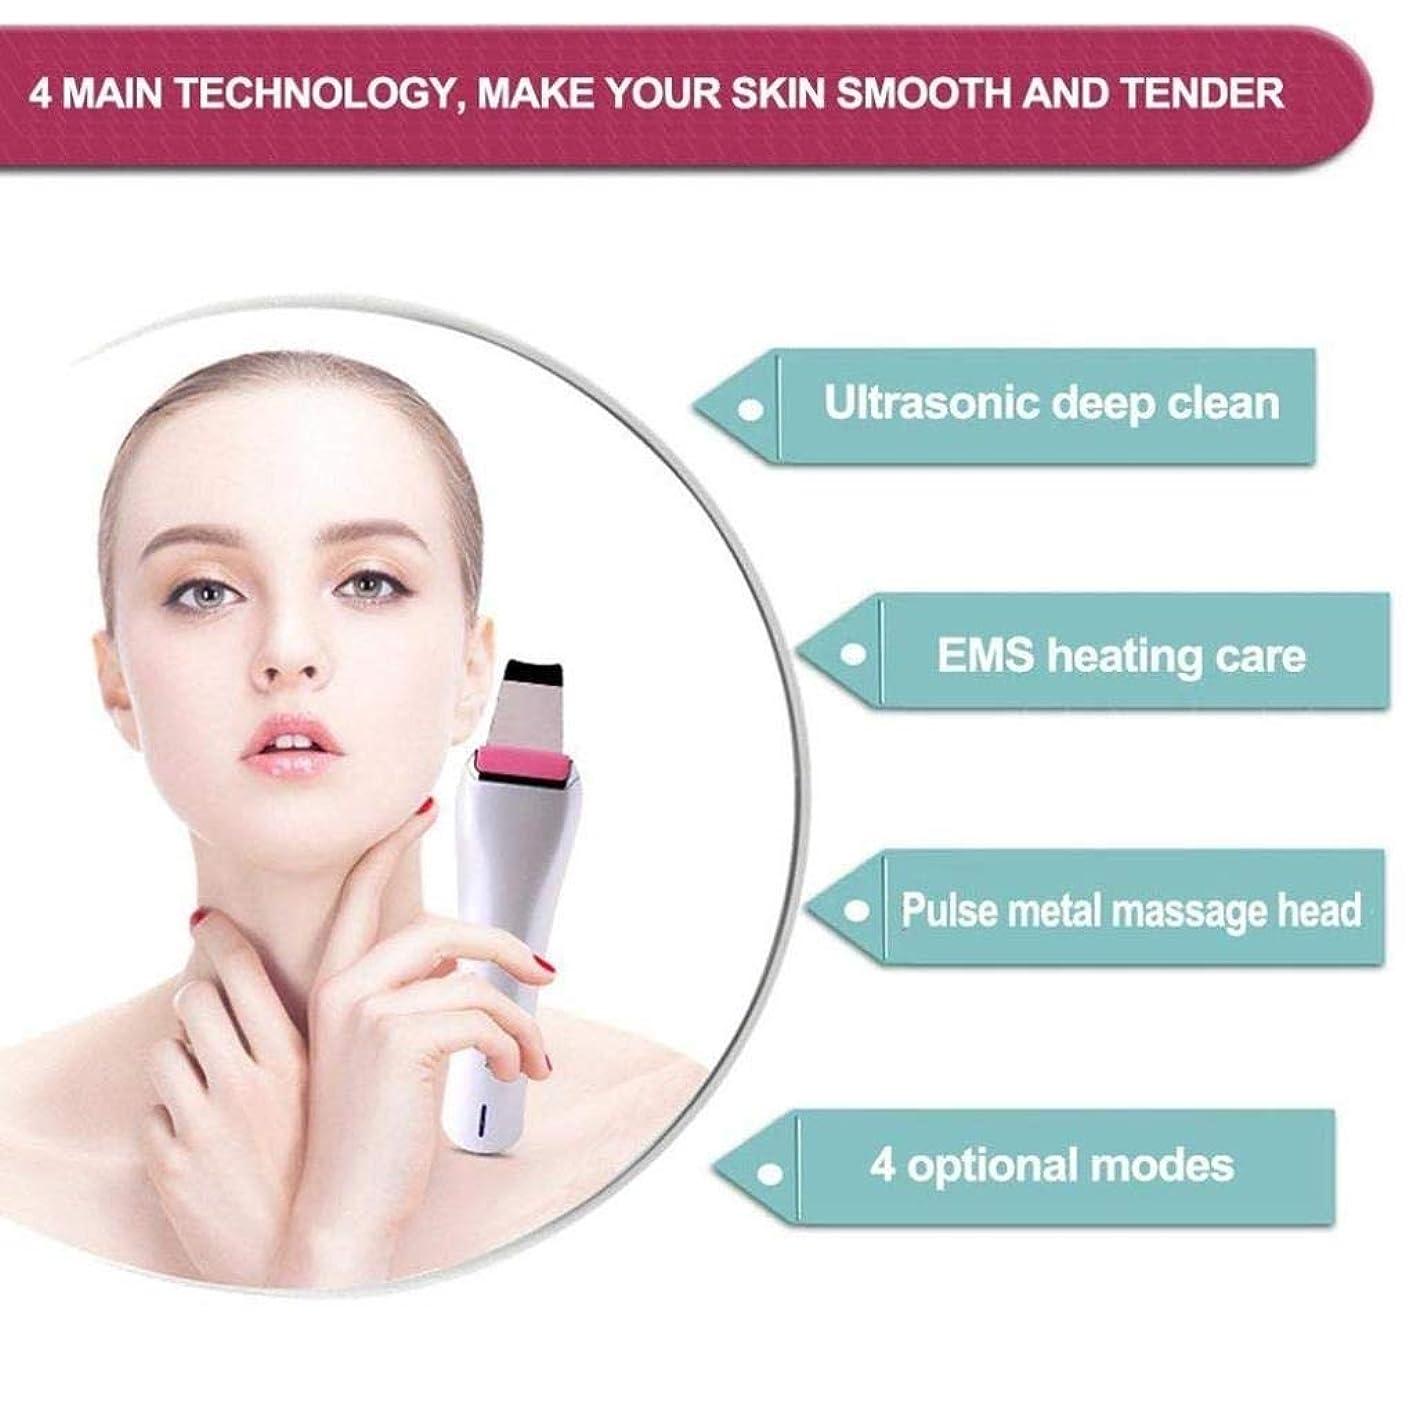 犯すこねる前提顔のスキンケア顔の振動マッサージャーのクリーニング機械シャベルの皮機械アクネの皮のスクラバー